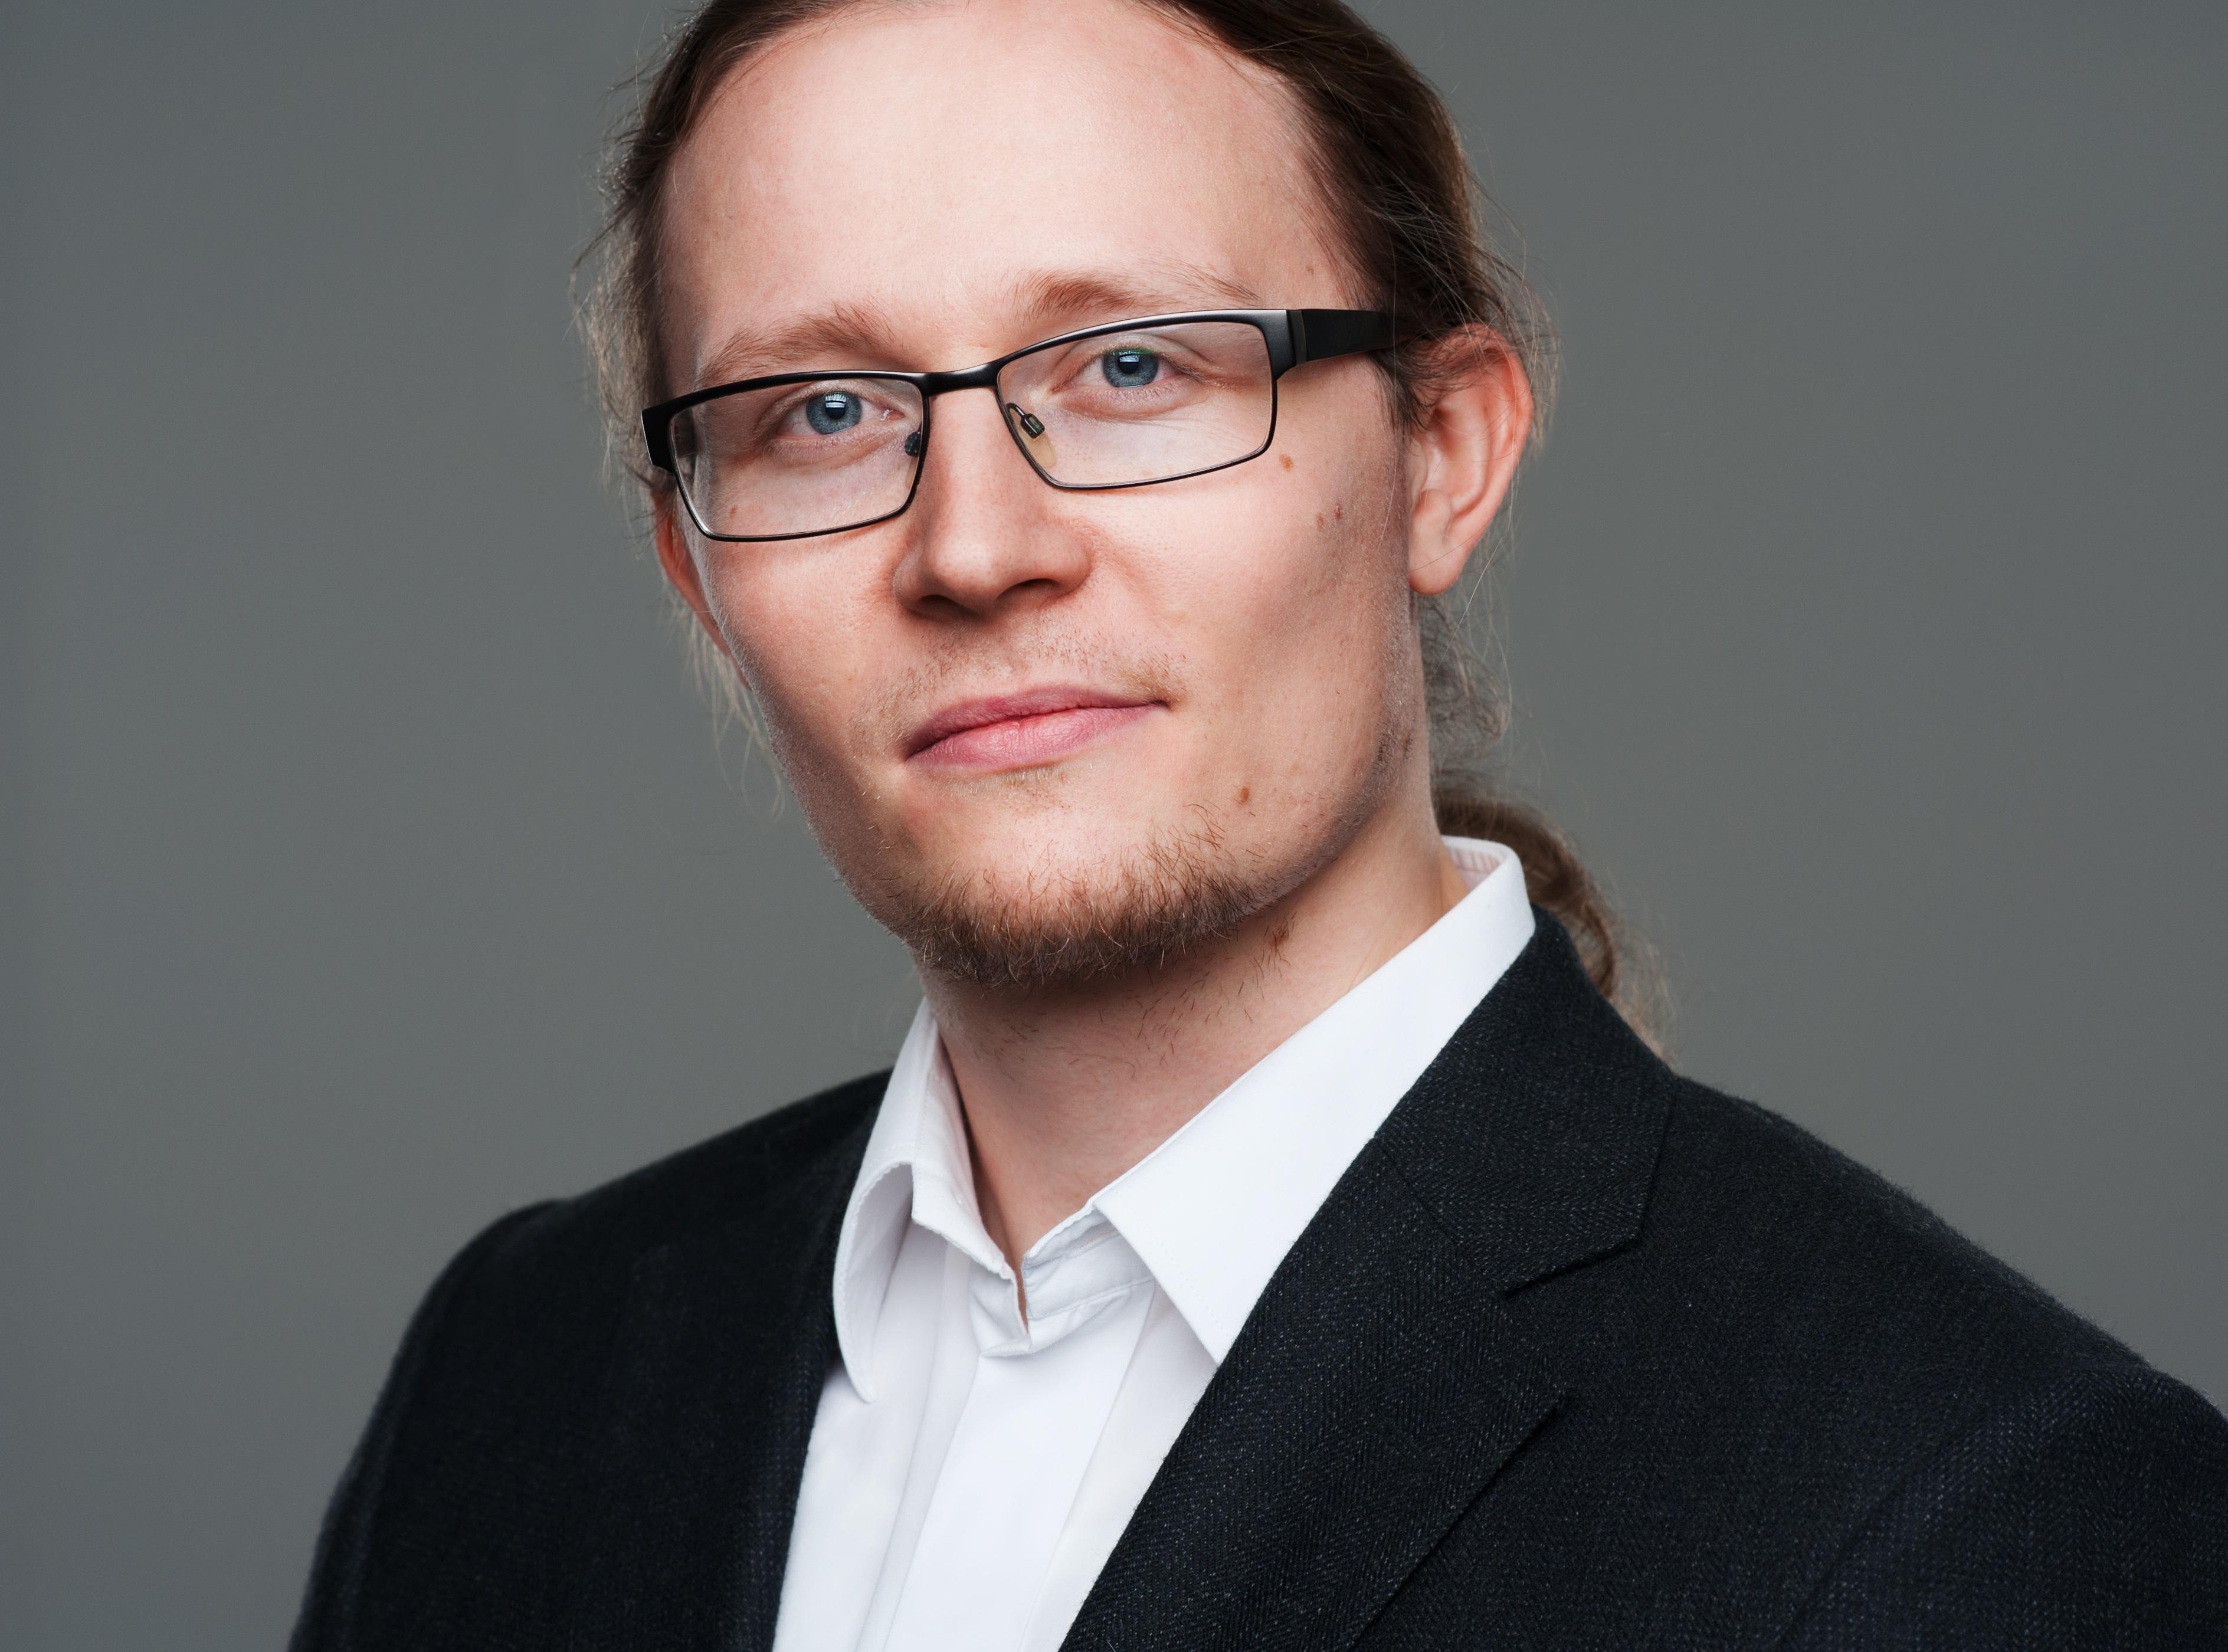 Michał Bieńkowski